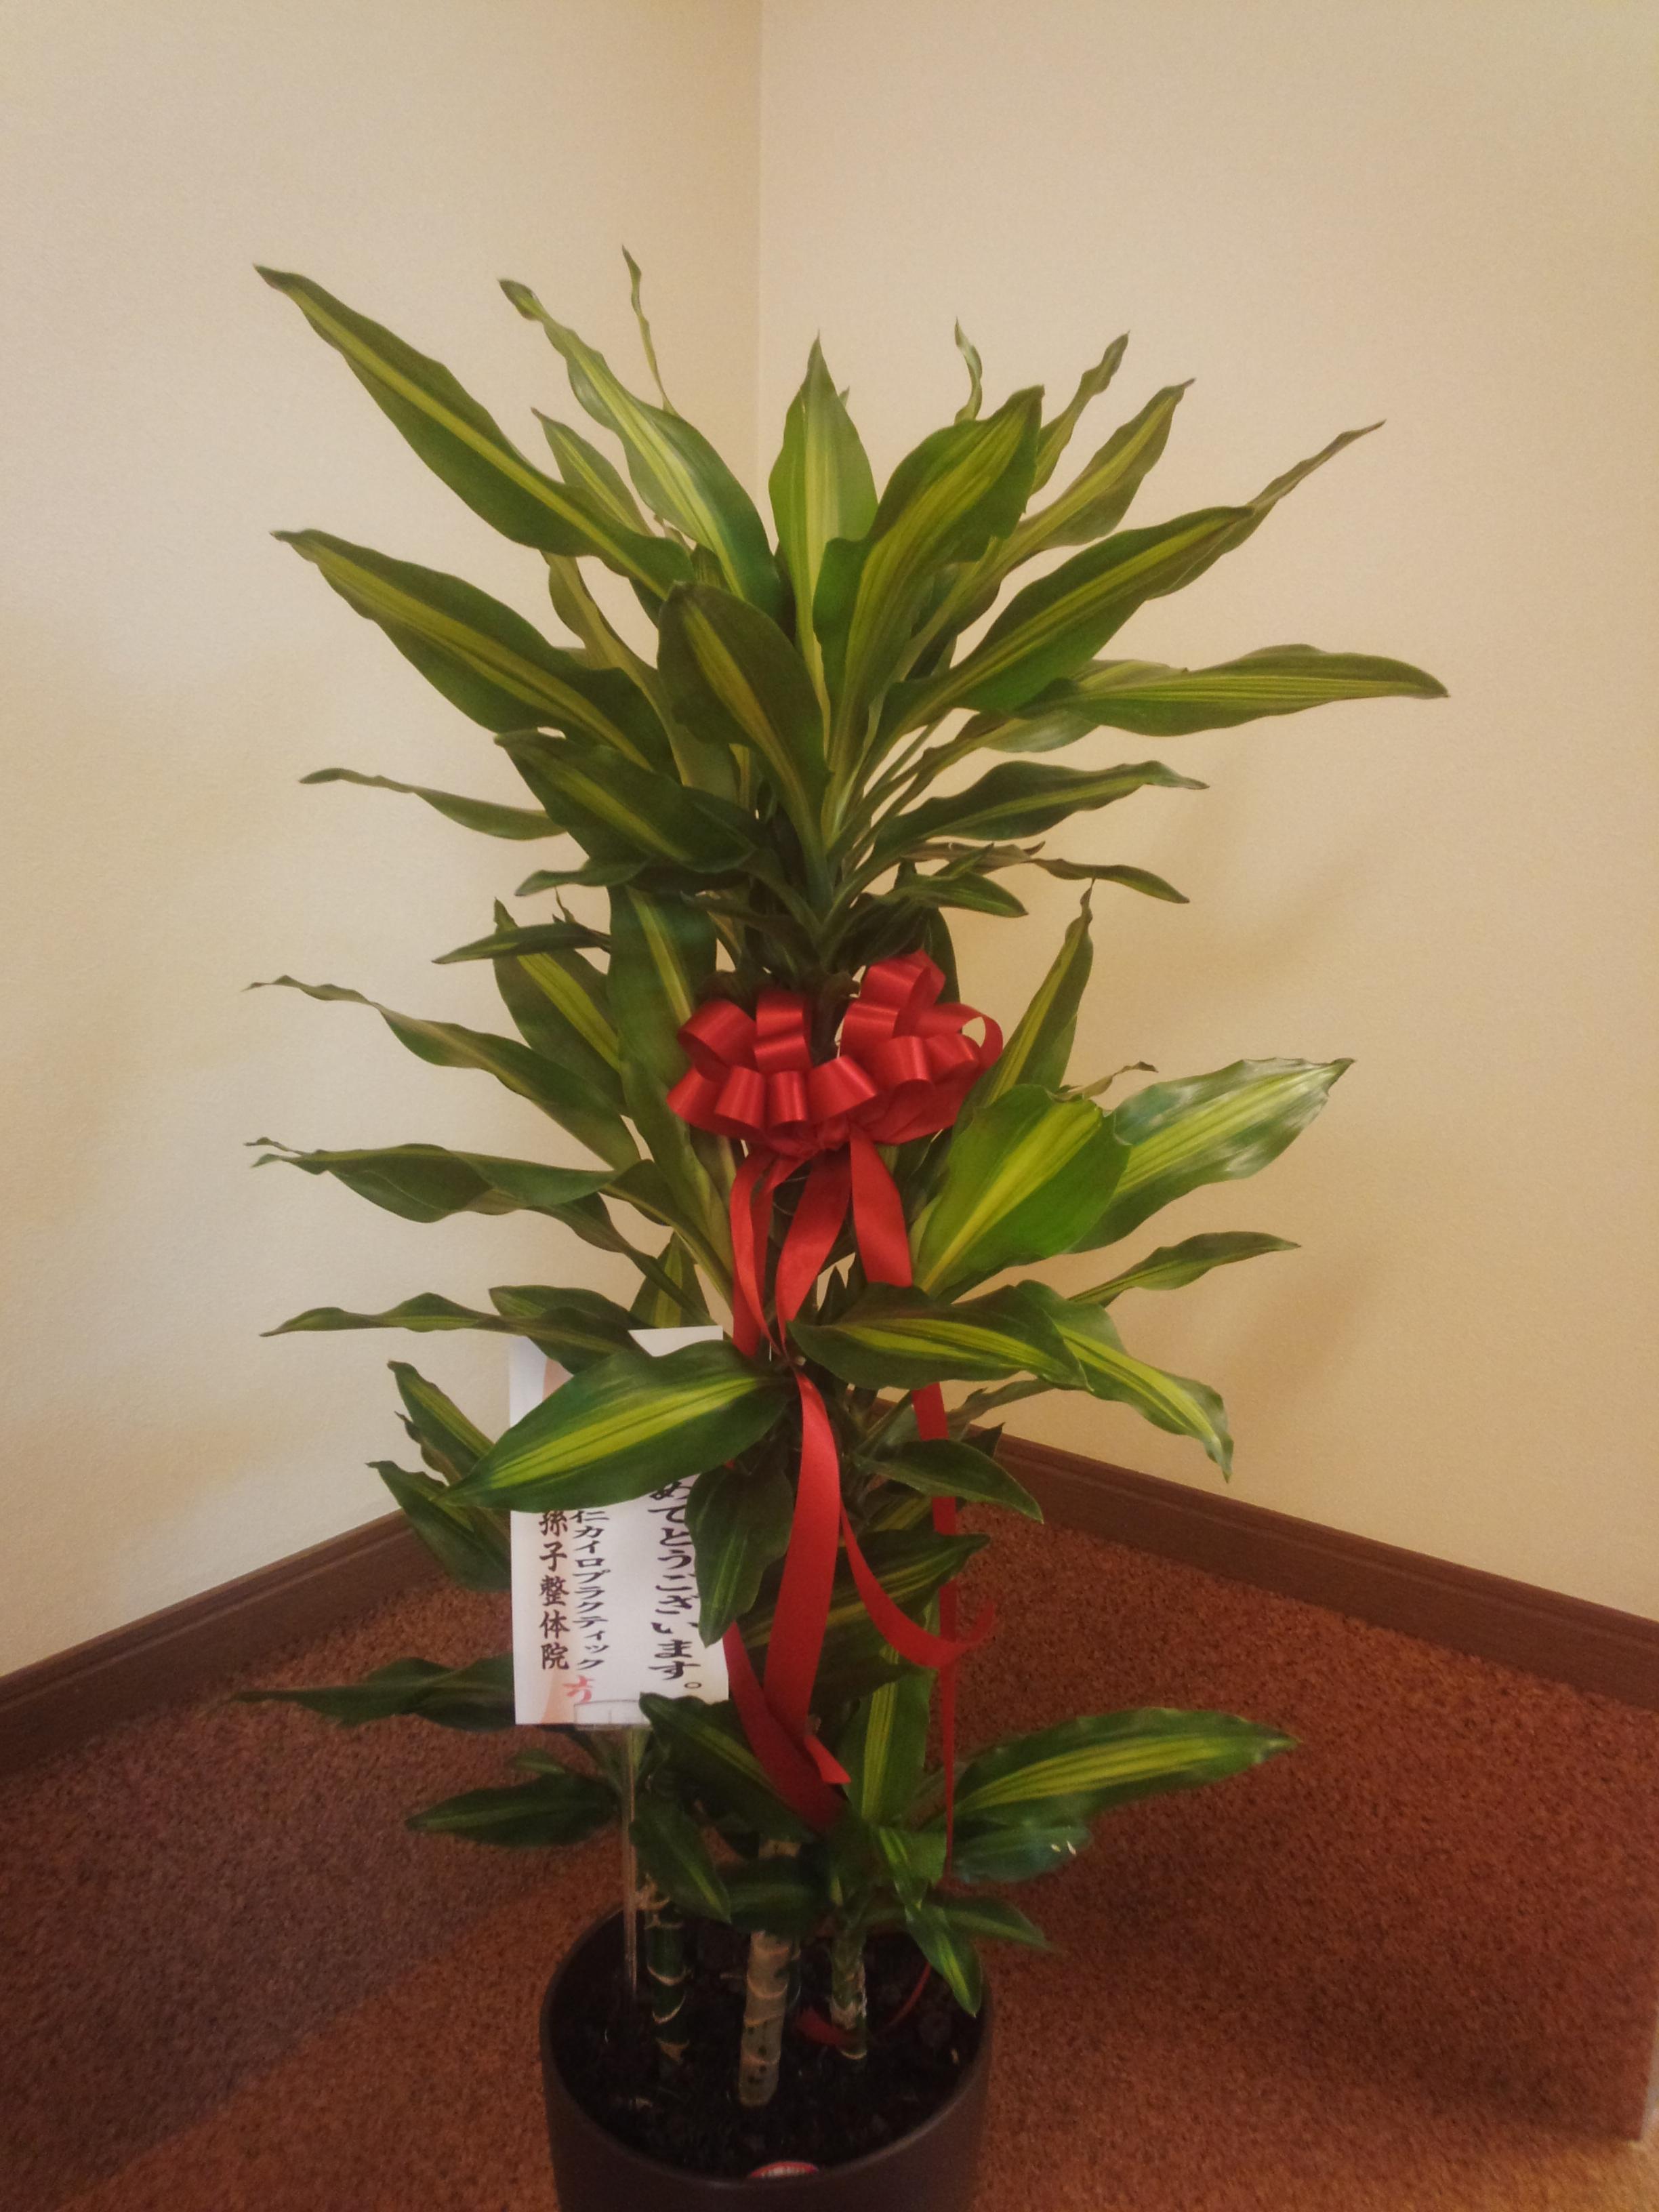 鈴木さんから頂いた観葉植物